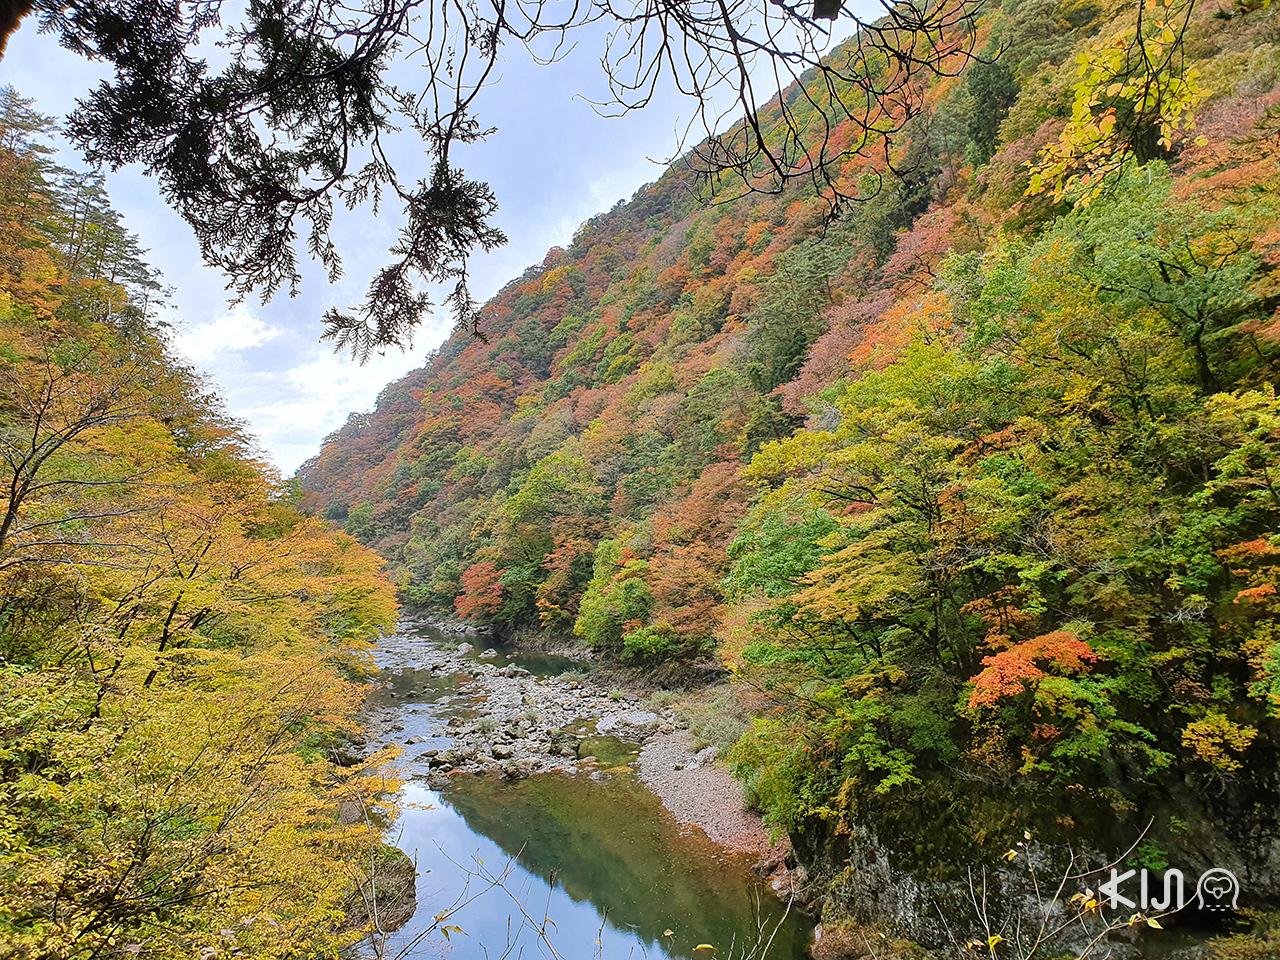 Dakigaeri Gorge หุบเขาที่เป็นจุดชมใบไม้เปลี่ยนสีชื่อดังใน อาคิตะ